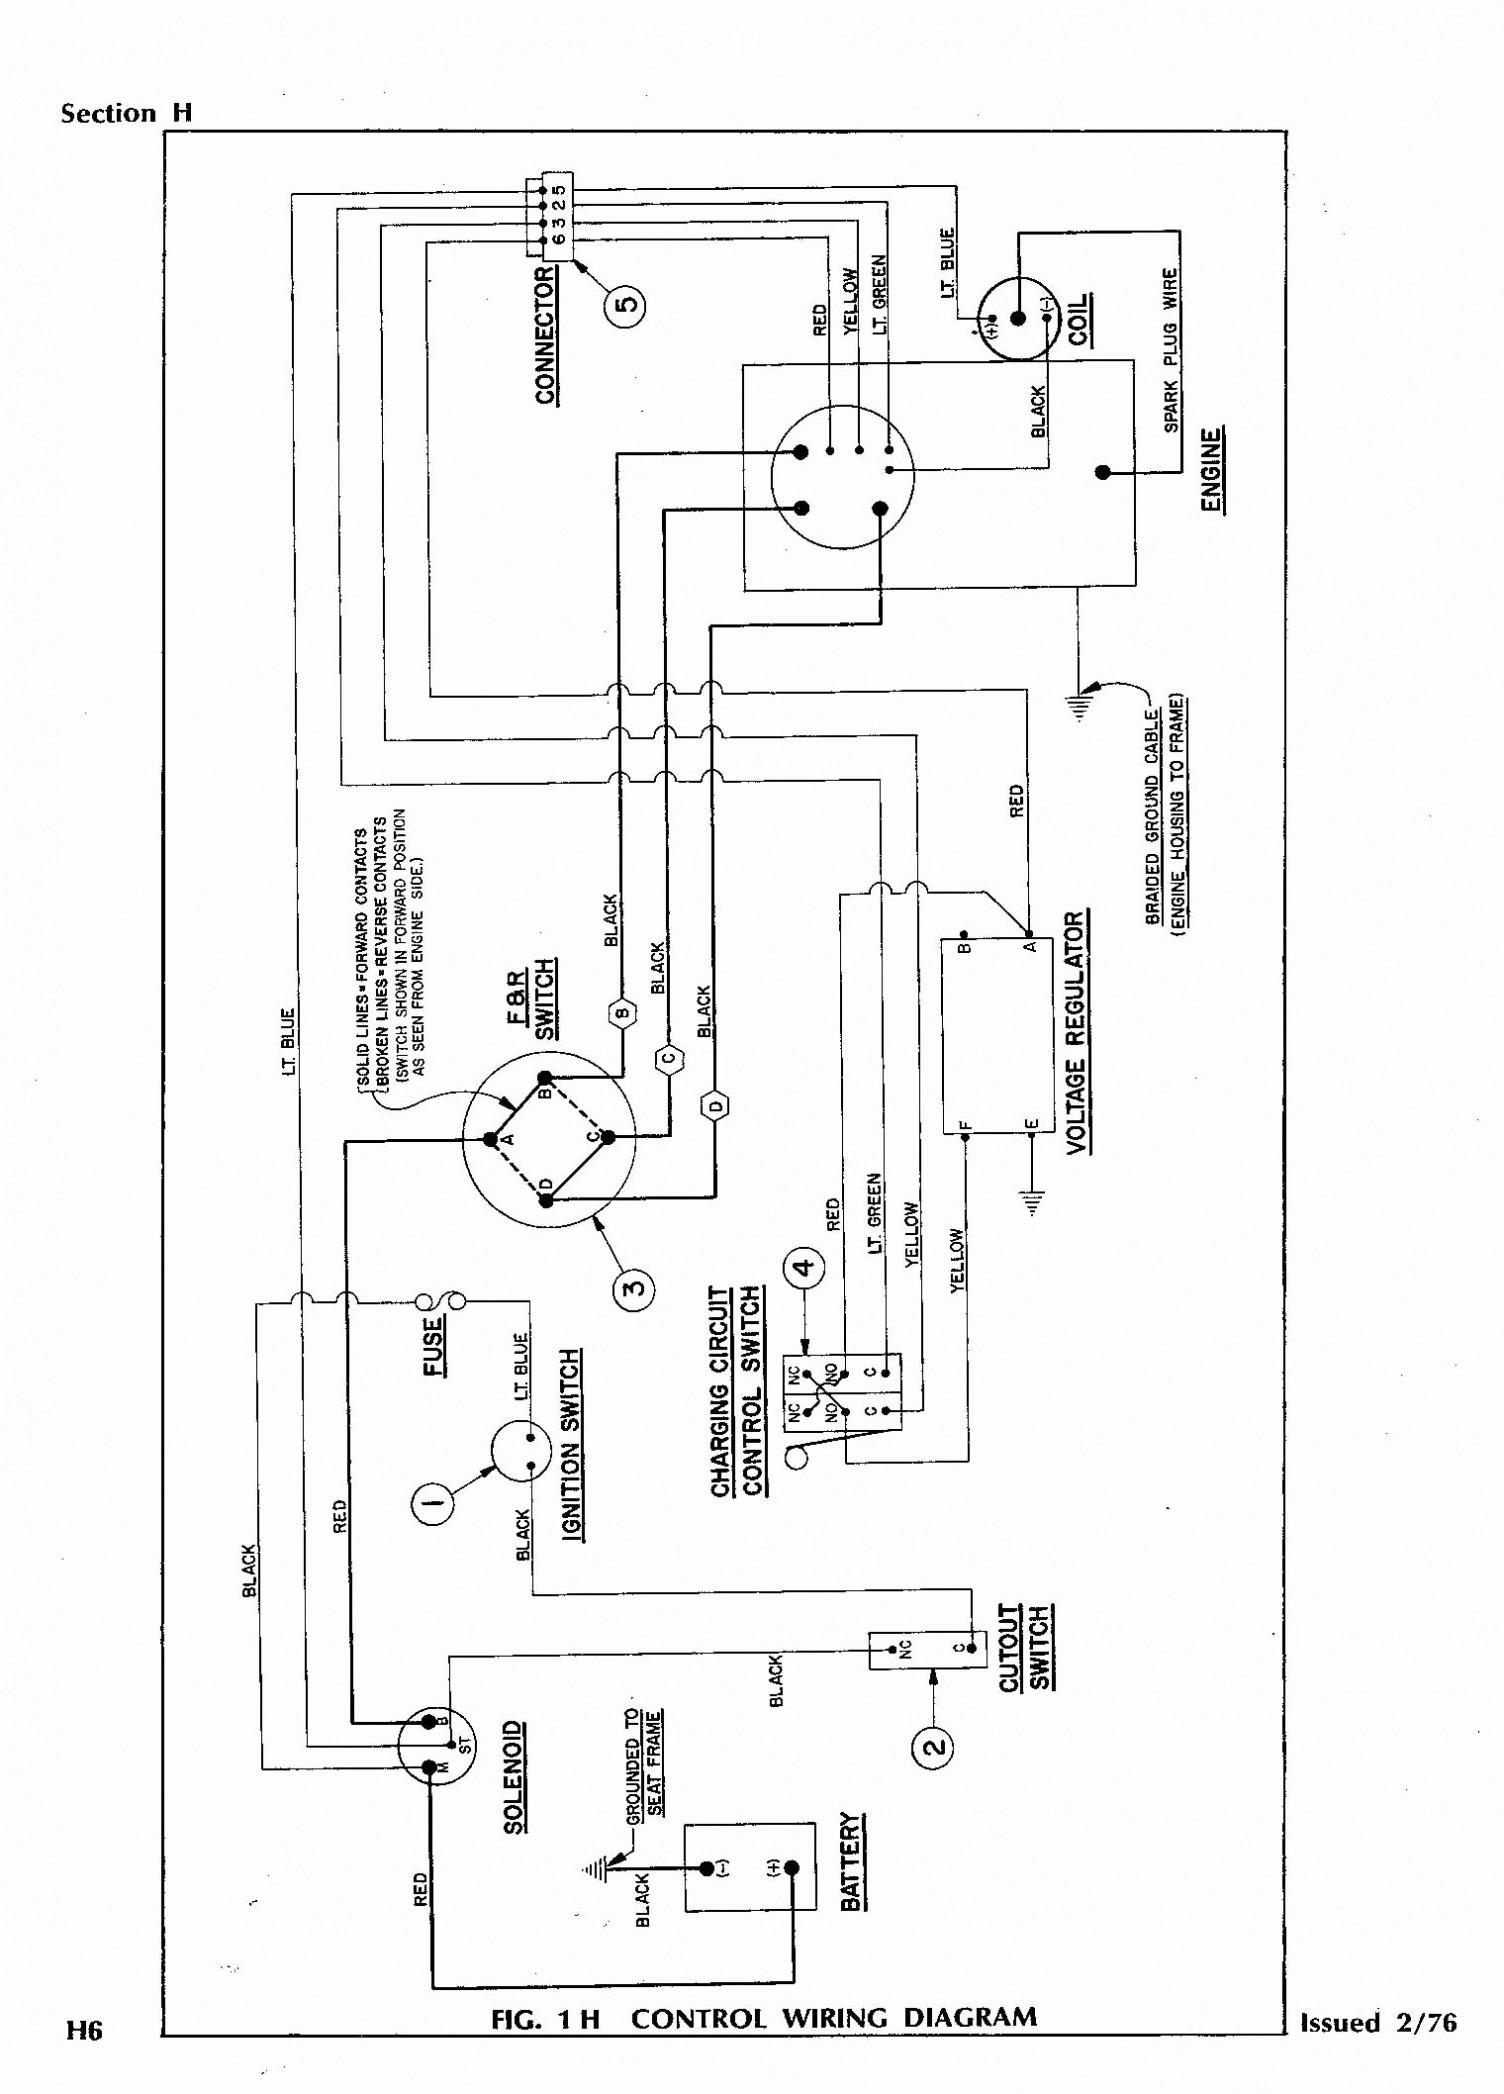 2006 ezgo txt wiring diagram headlights 68 camaro fuel gauge wiring diagram  - curup.car-diagram-33.fiatoart.it  wiring diagram and schematics